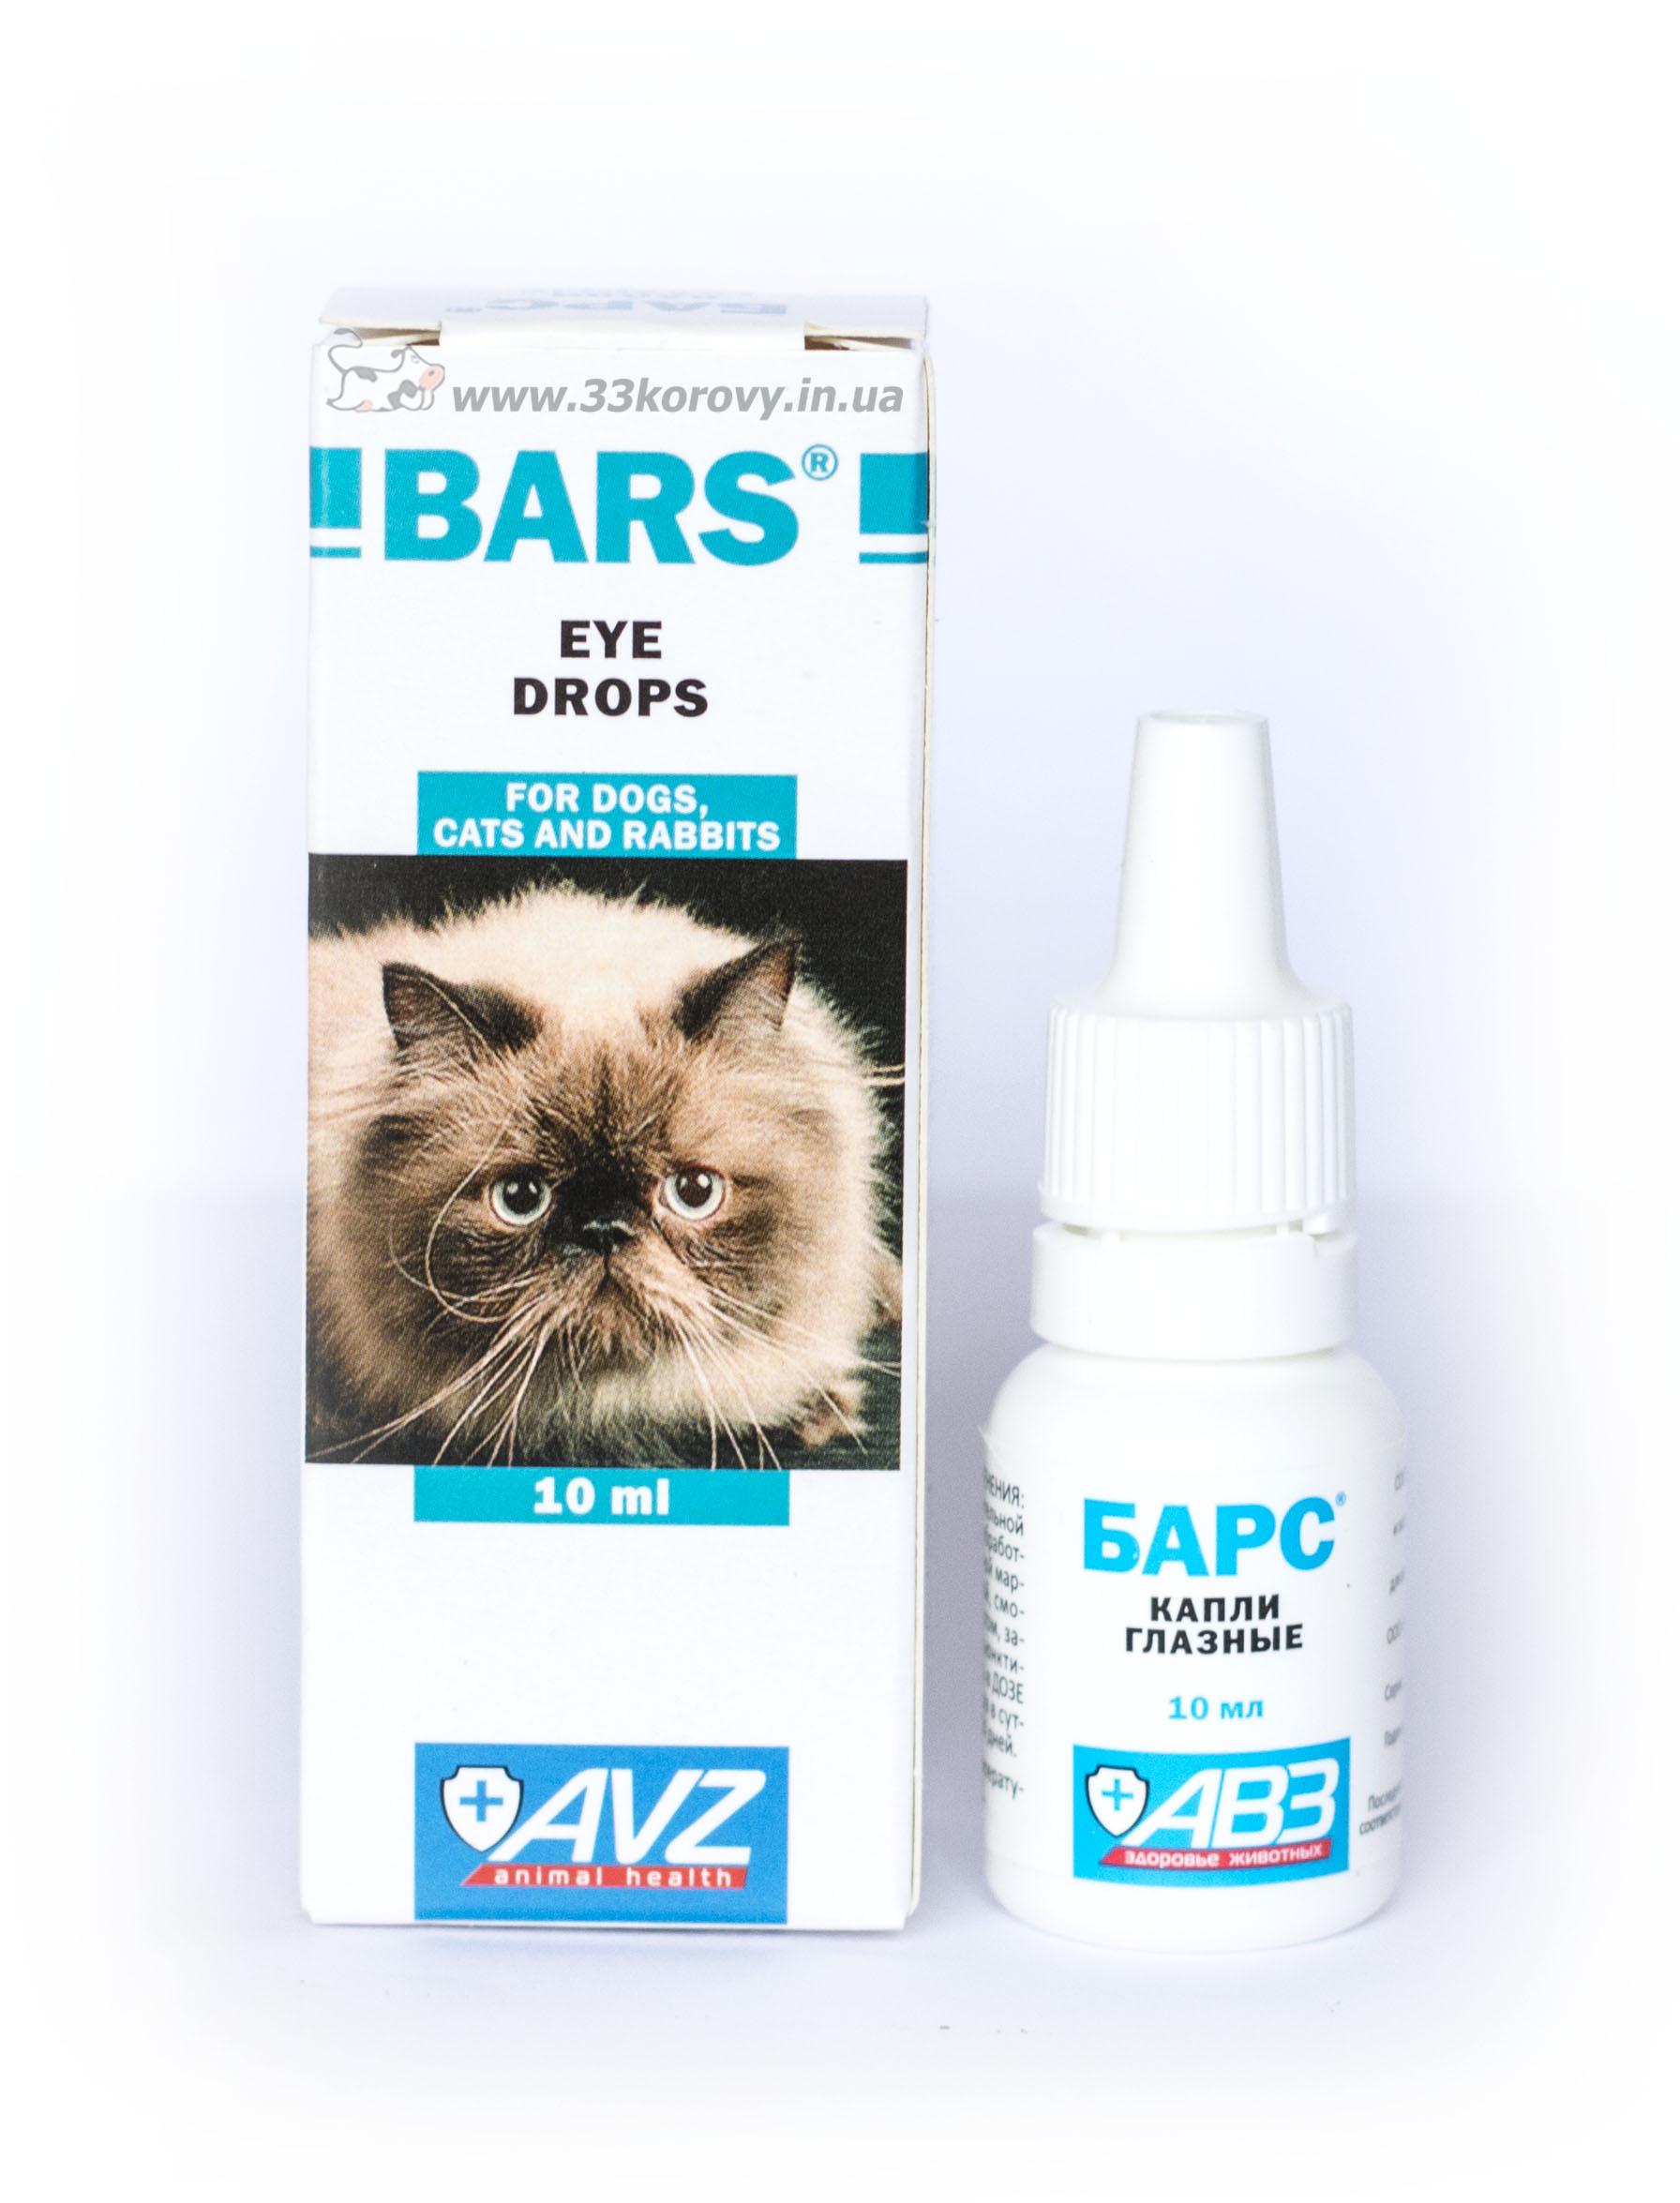 Барс оказывает мощное антибактериальное и противовоспалительное действие